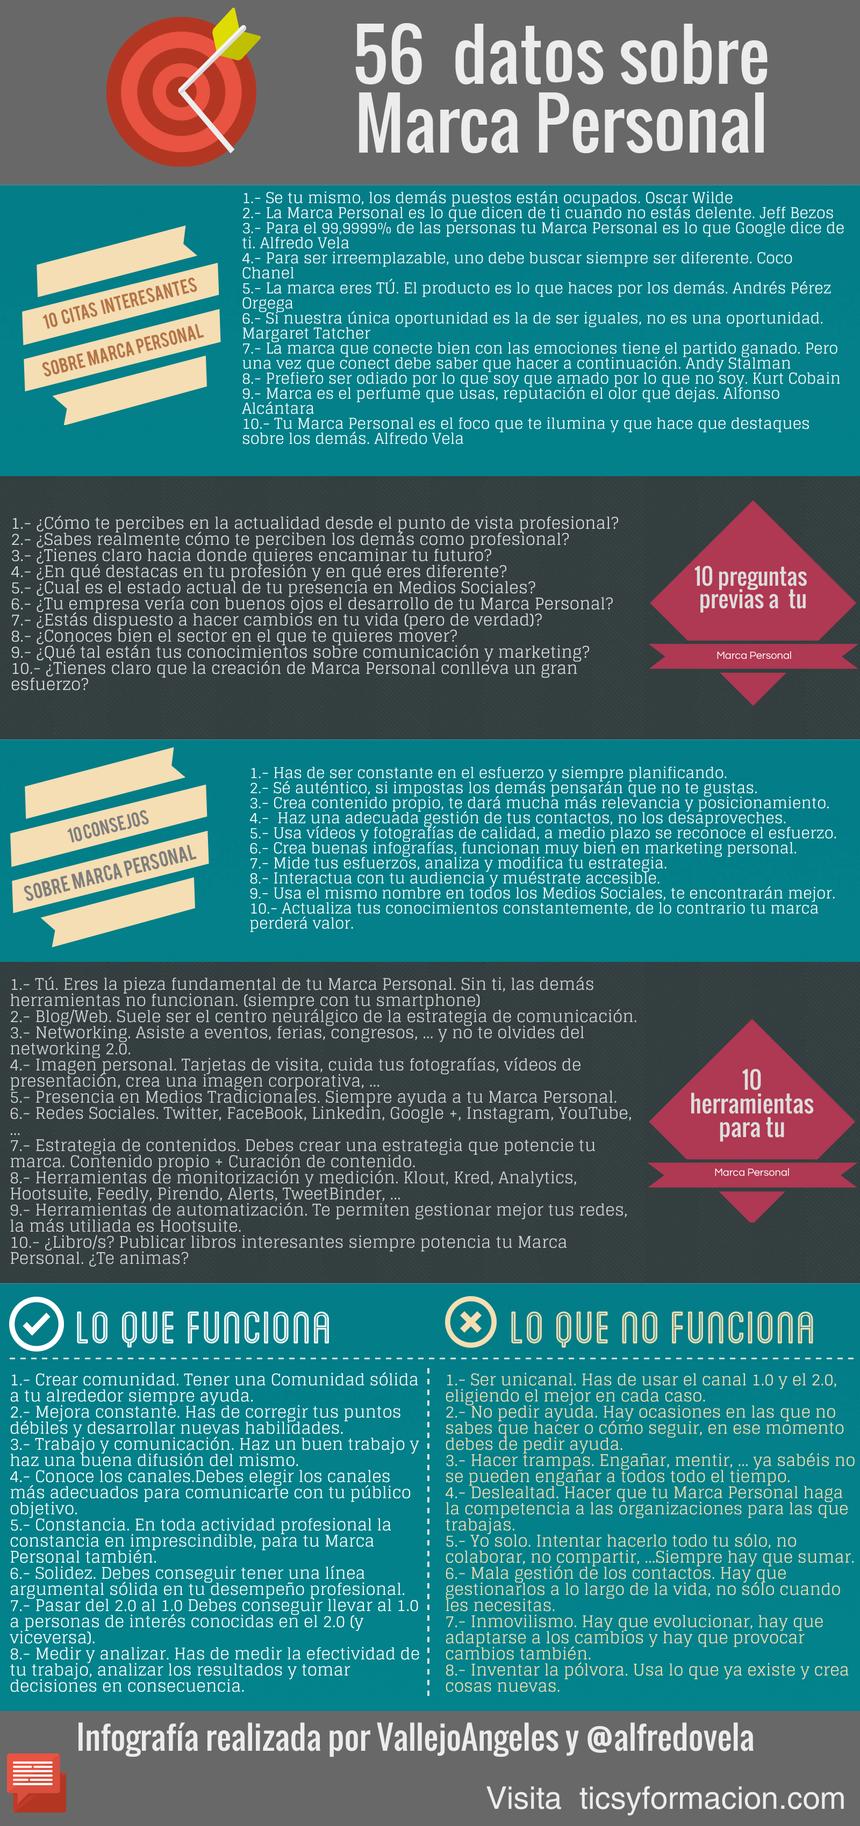 Infografia - 56 datos interesantes sobre Marca Personal #infografia #infographic #marketing